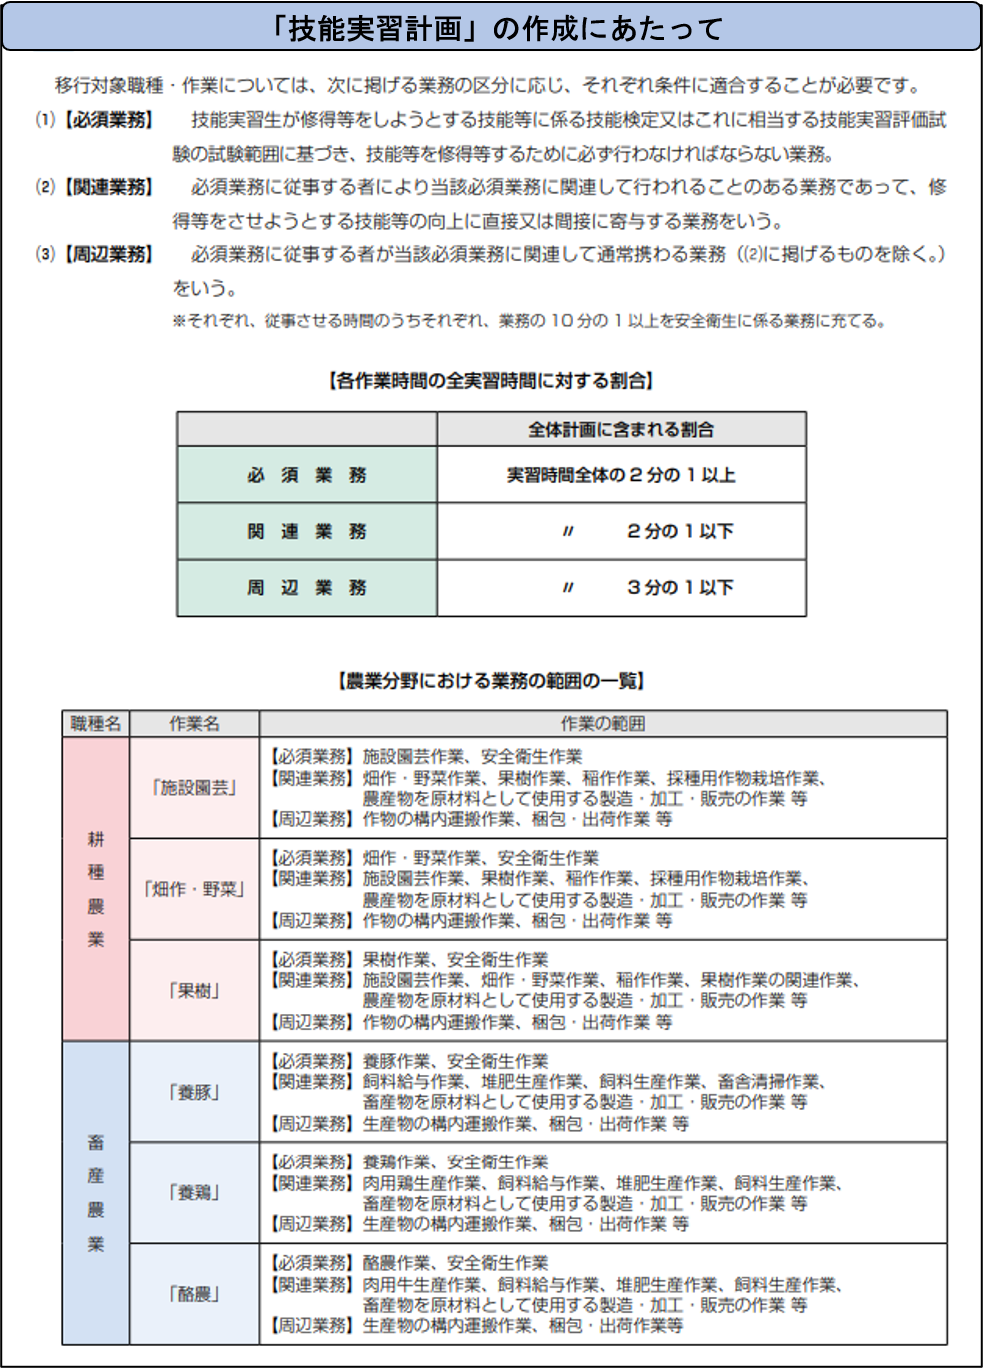 【制度見直し】3ページ目図.png